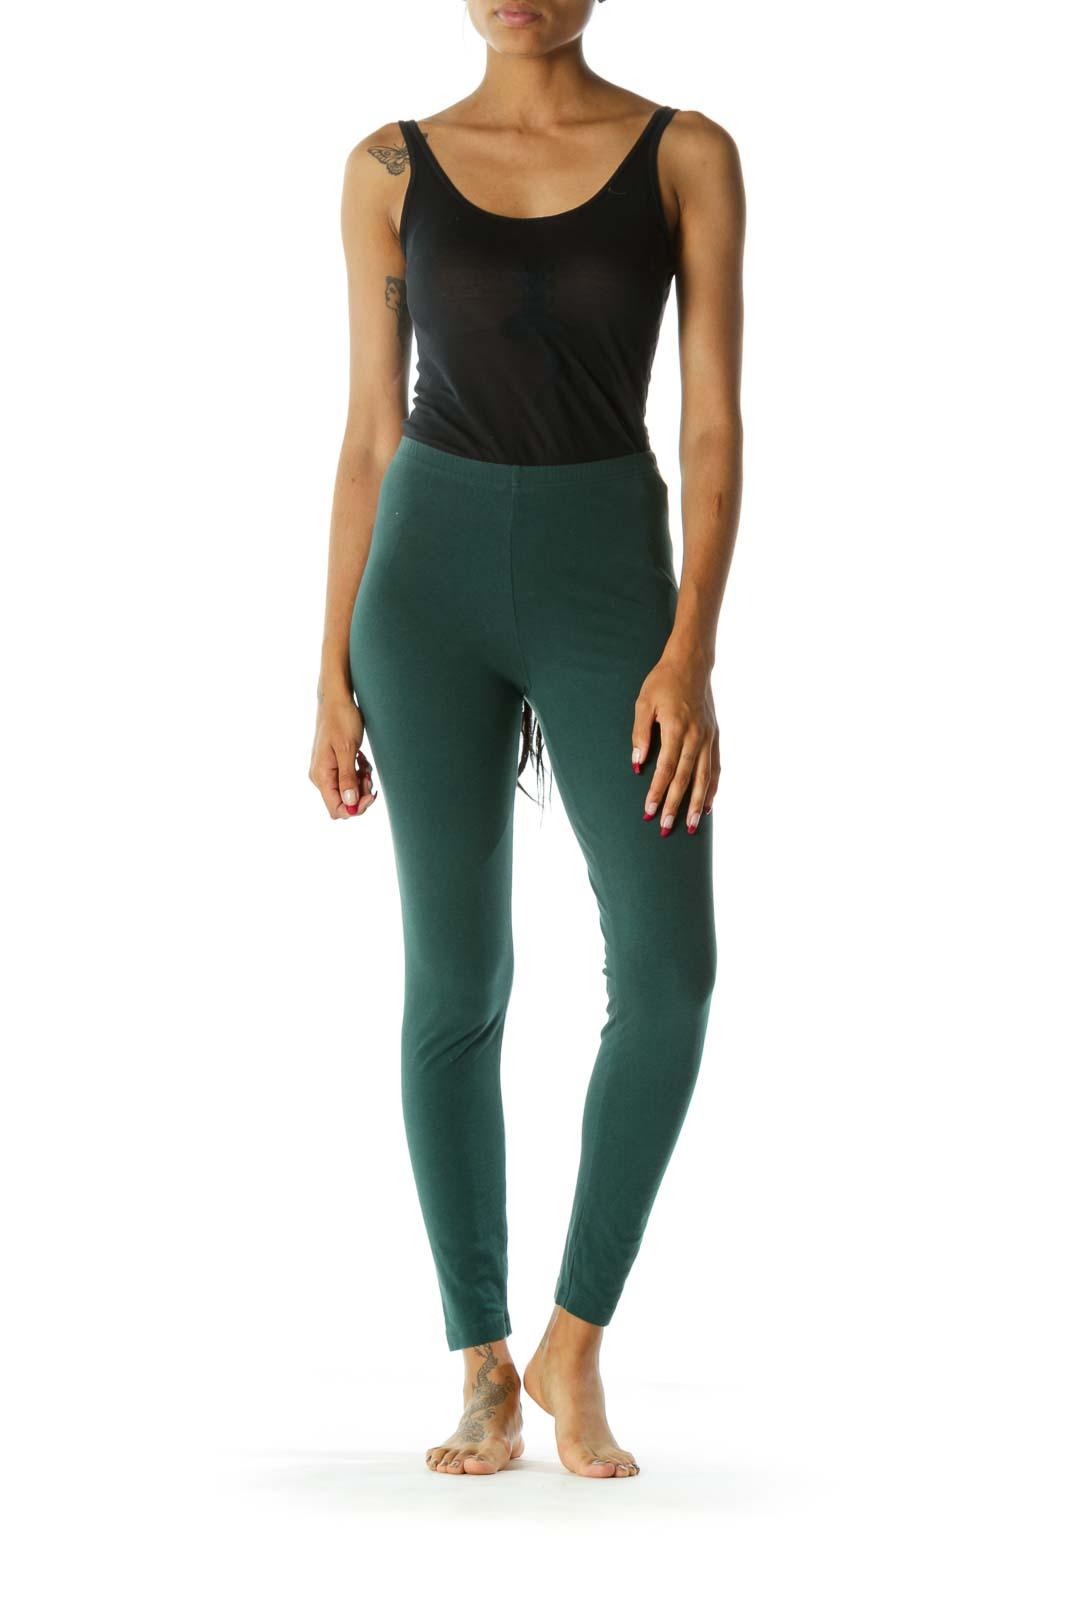 Green High-Waisted Skinny Leggings